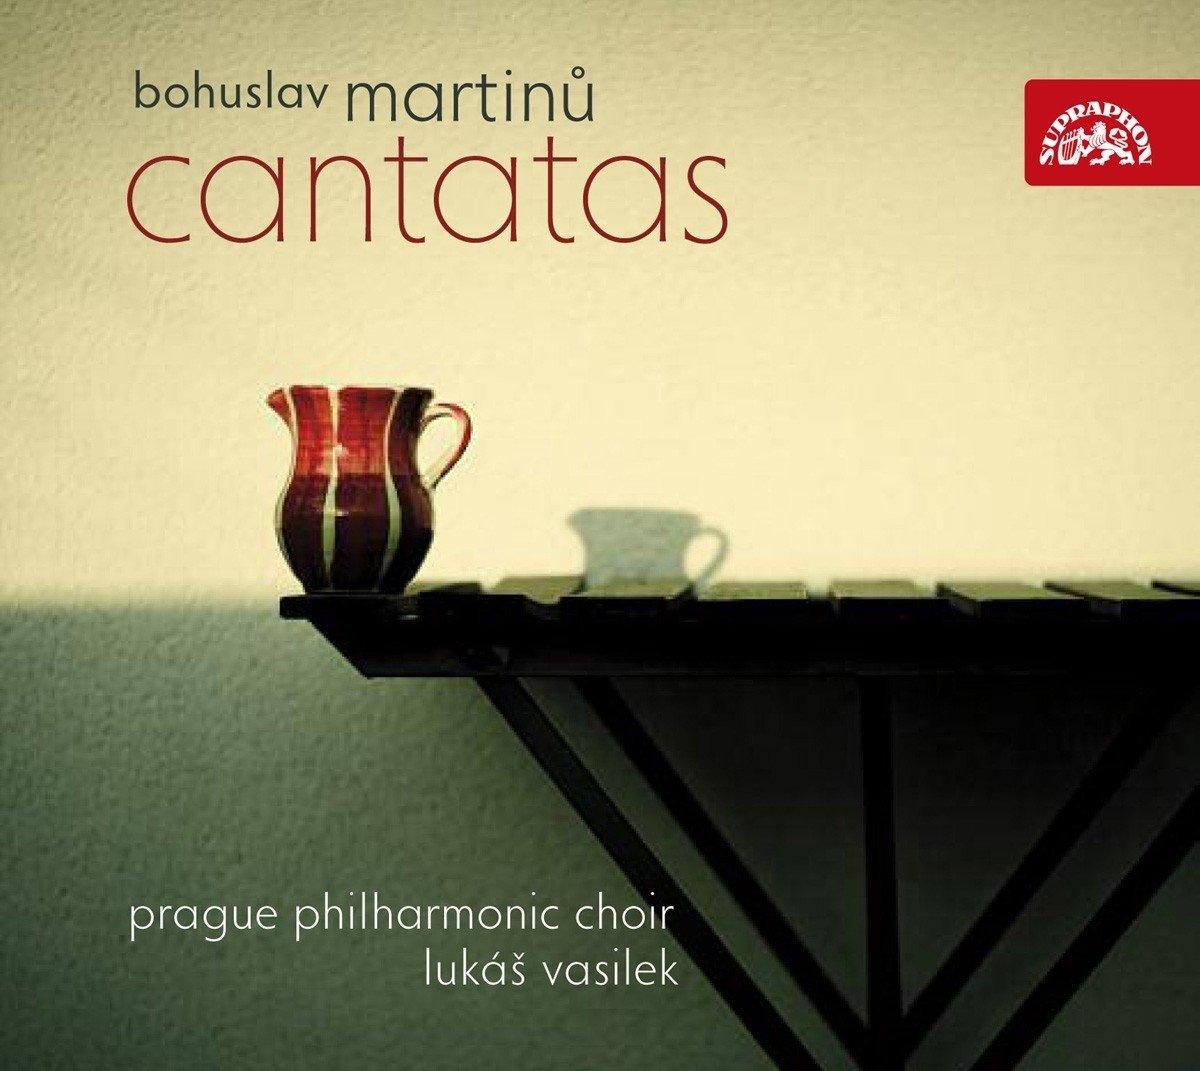 BEST CHORAL RECORDING OF 2017: Bohuslav Martinů - CANTATAS (Supraphon SU 4198-2)